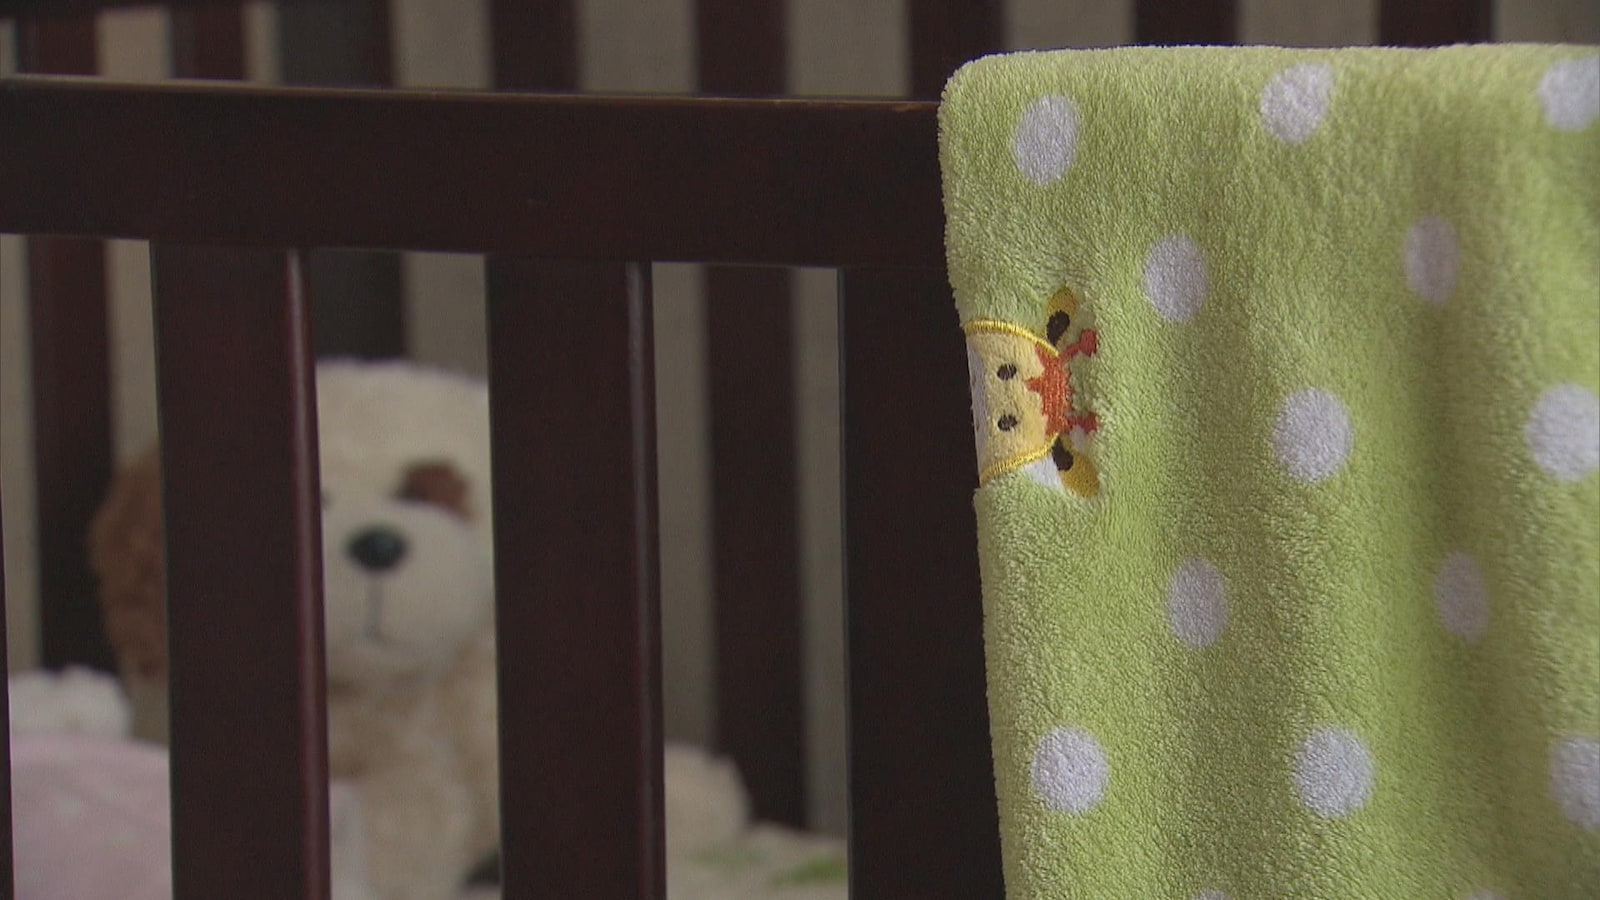 Un lit d'enfant avec une couverture verte. En arrière, se trouve une peluche.